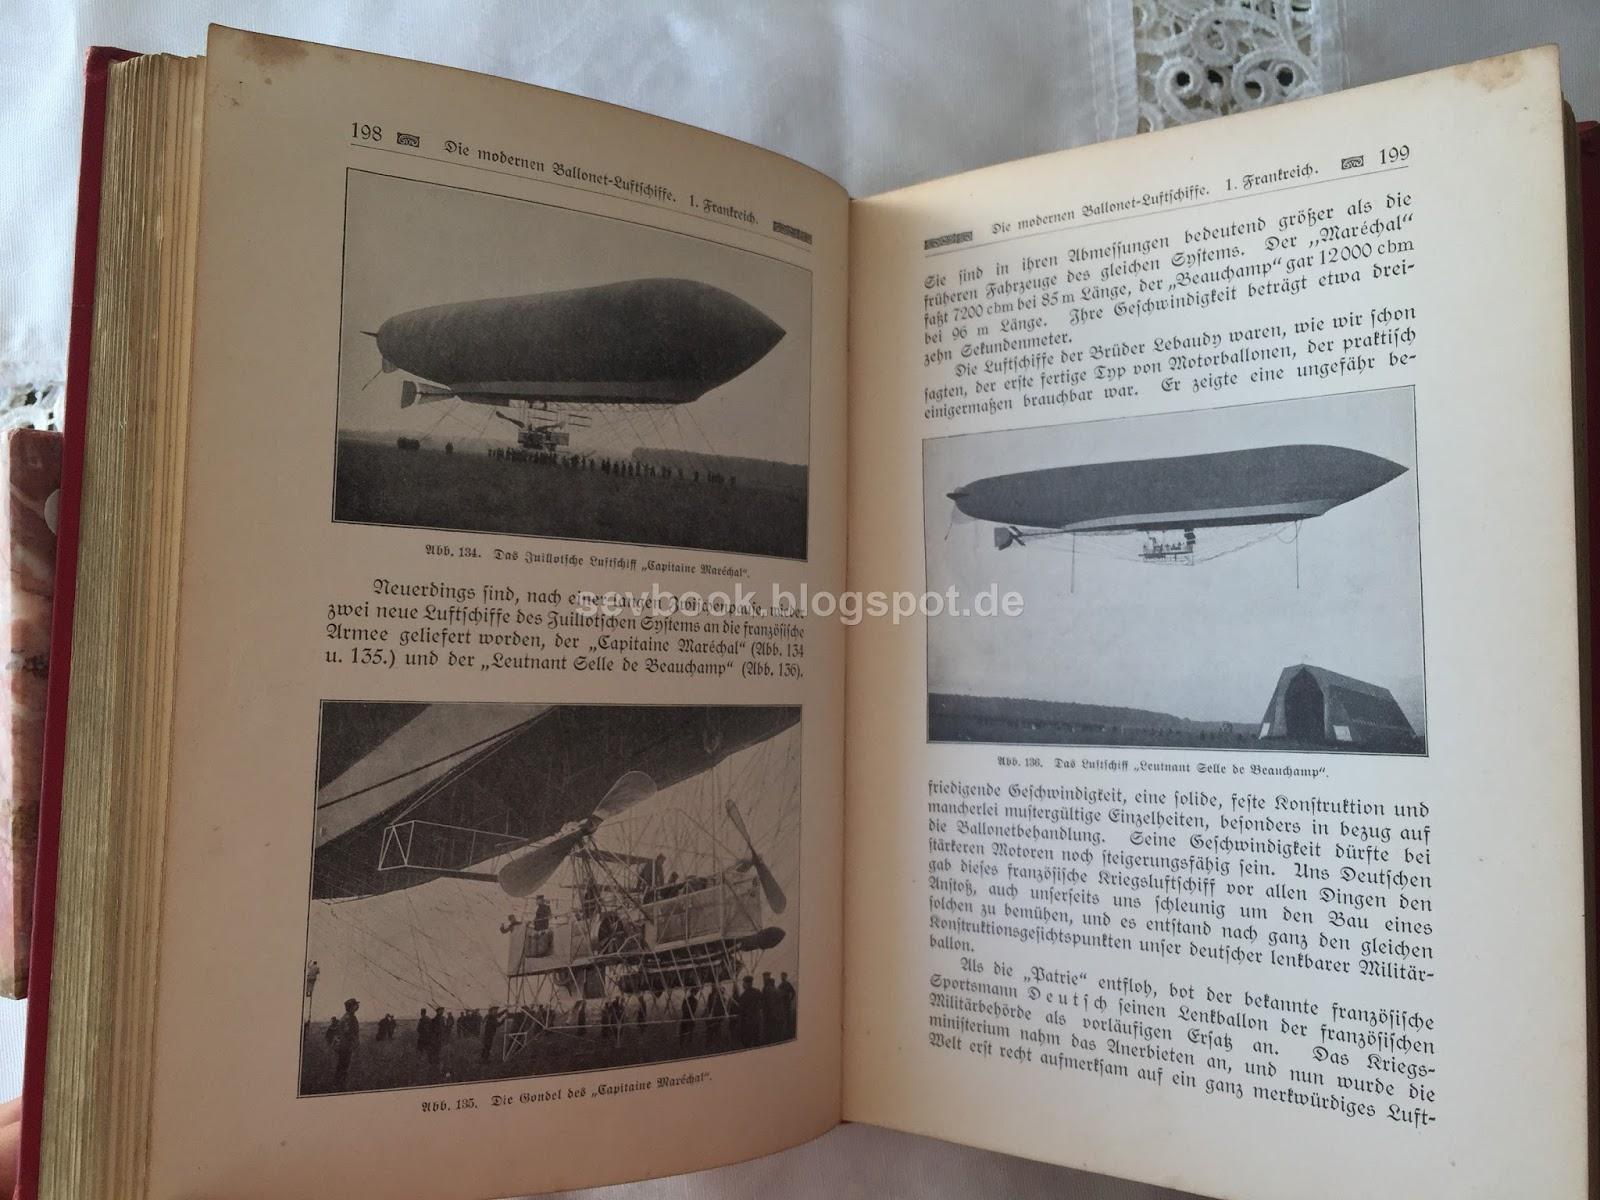 Luftfahrt & Zeppelin Das Zweite Englische Lenkbare Kriegsluftschiff Bei Seinem 1.aufstieg Von 1908 Transport